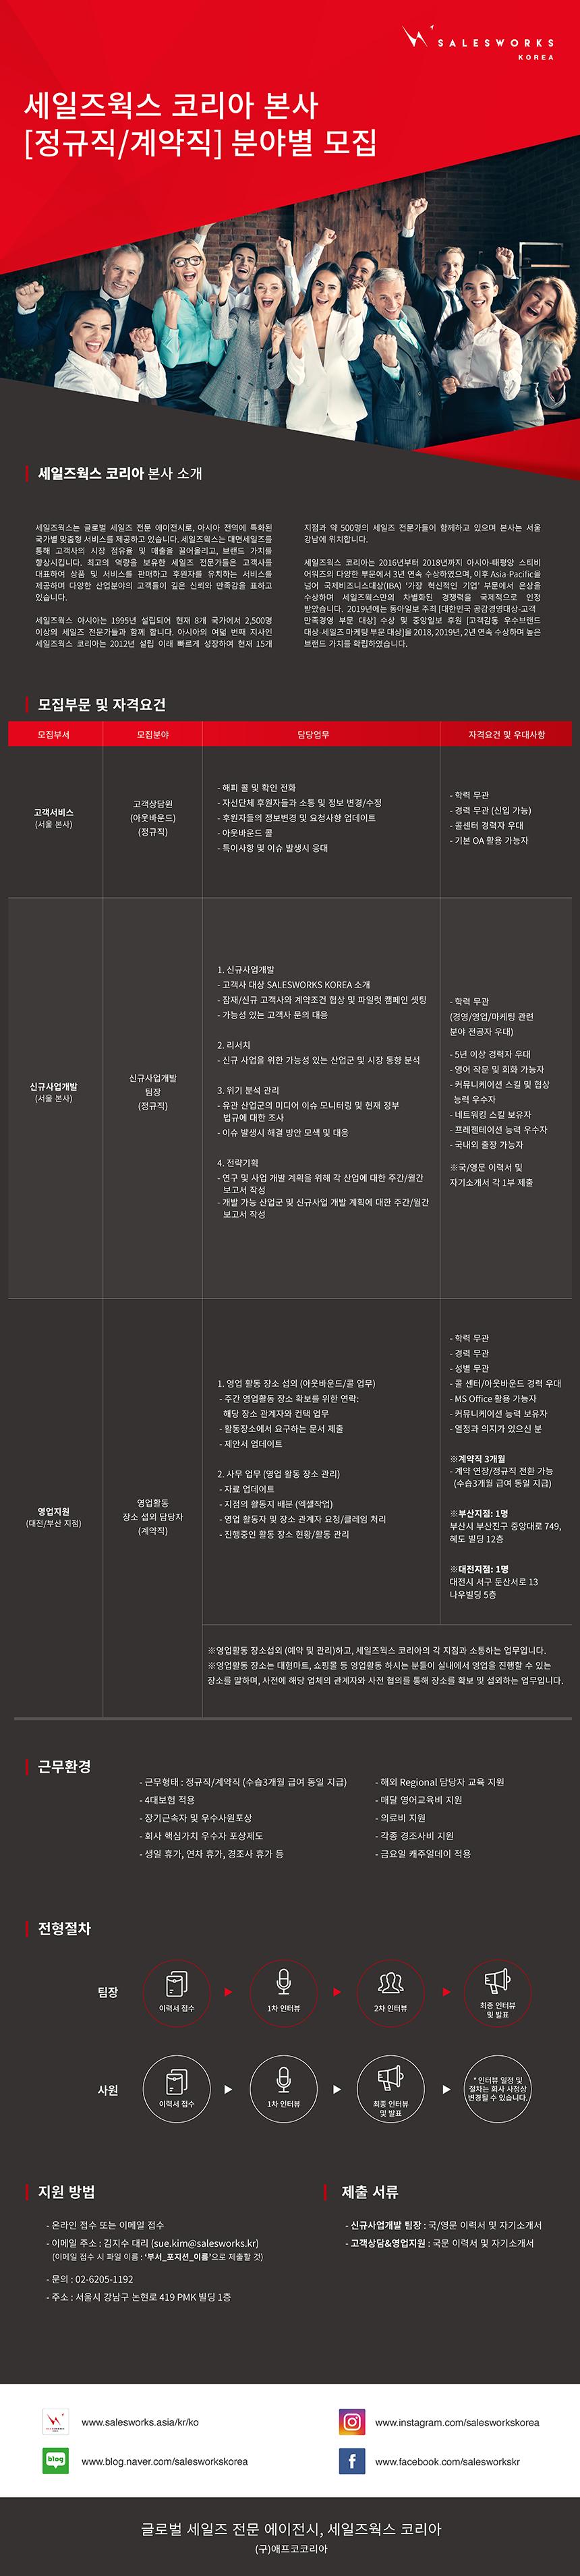 [외국계/본사] 부문별 담당자 채용